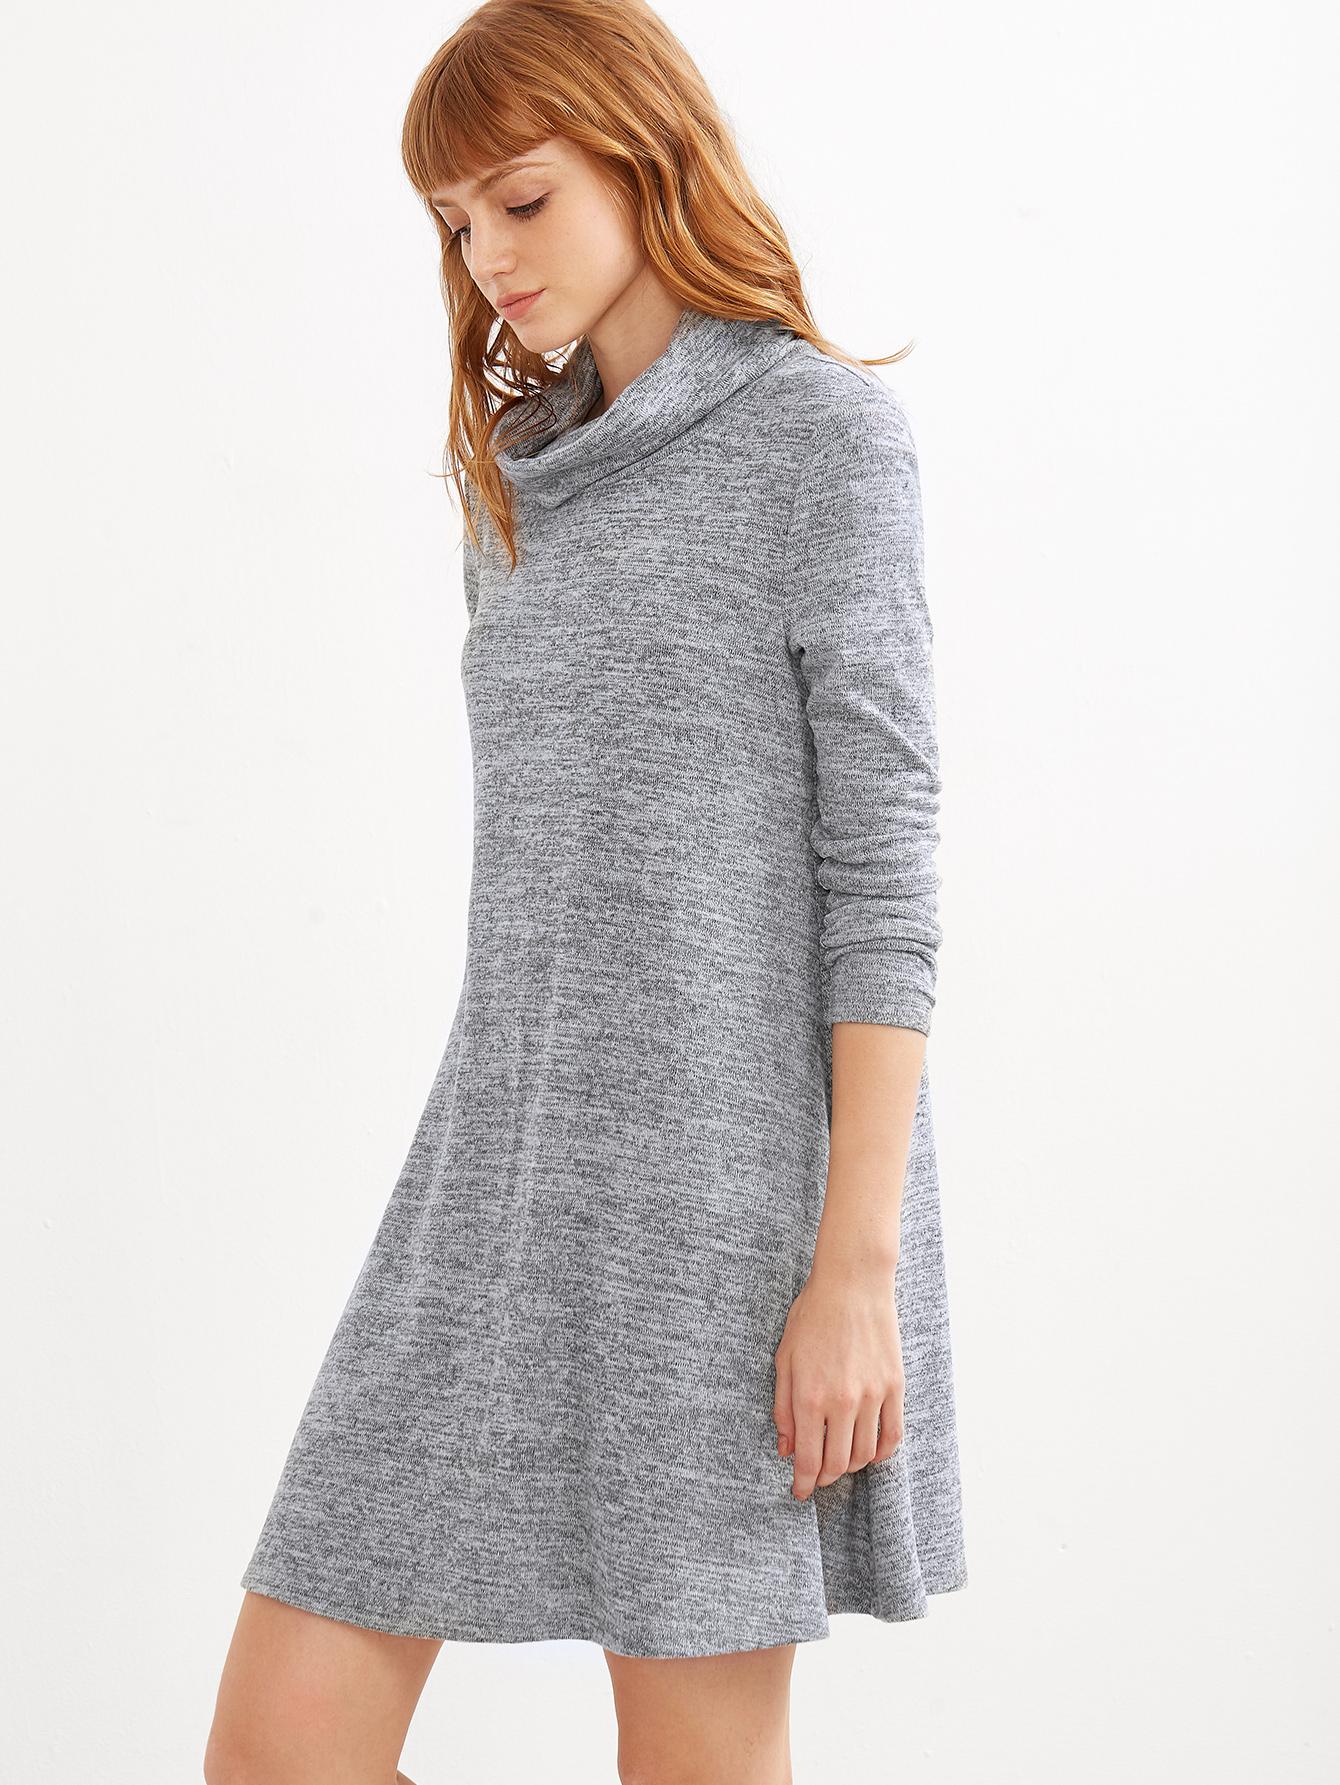 SheIn Grey Knit Cowl Neck Dress